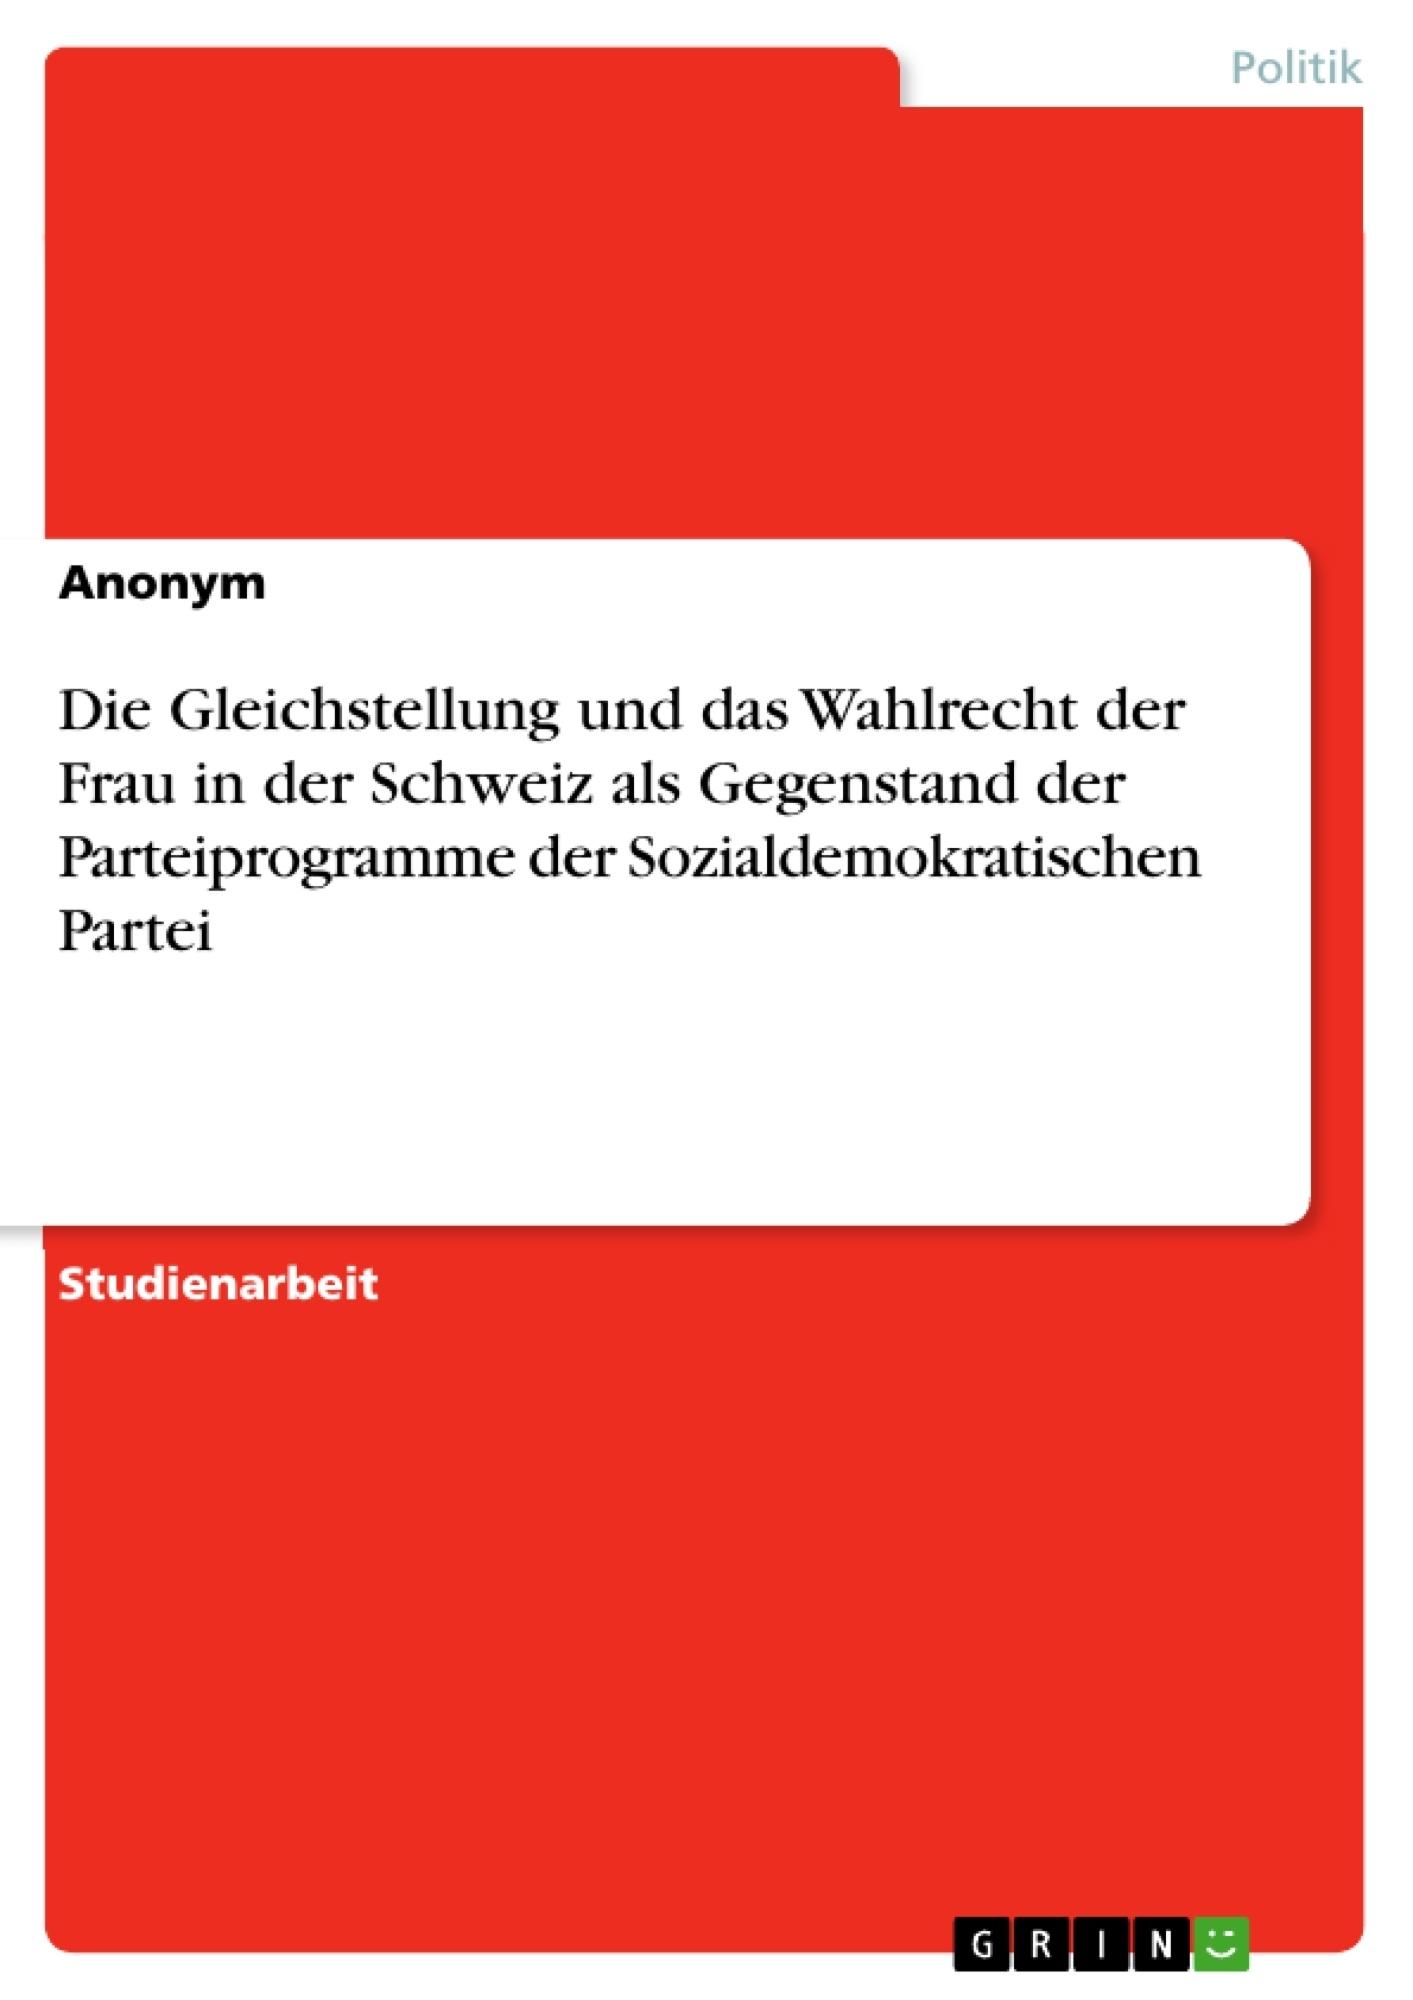 Titel: Die Gleichstellung und das Wahlrecht der Frau in der Schweiz als Gegenstand der Parteiprogramme der Sozialdemokratischen Partei